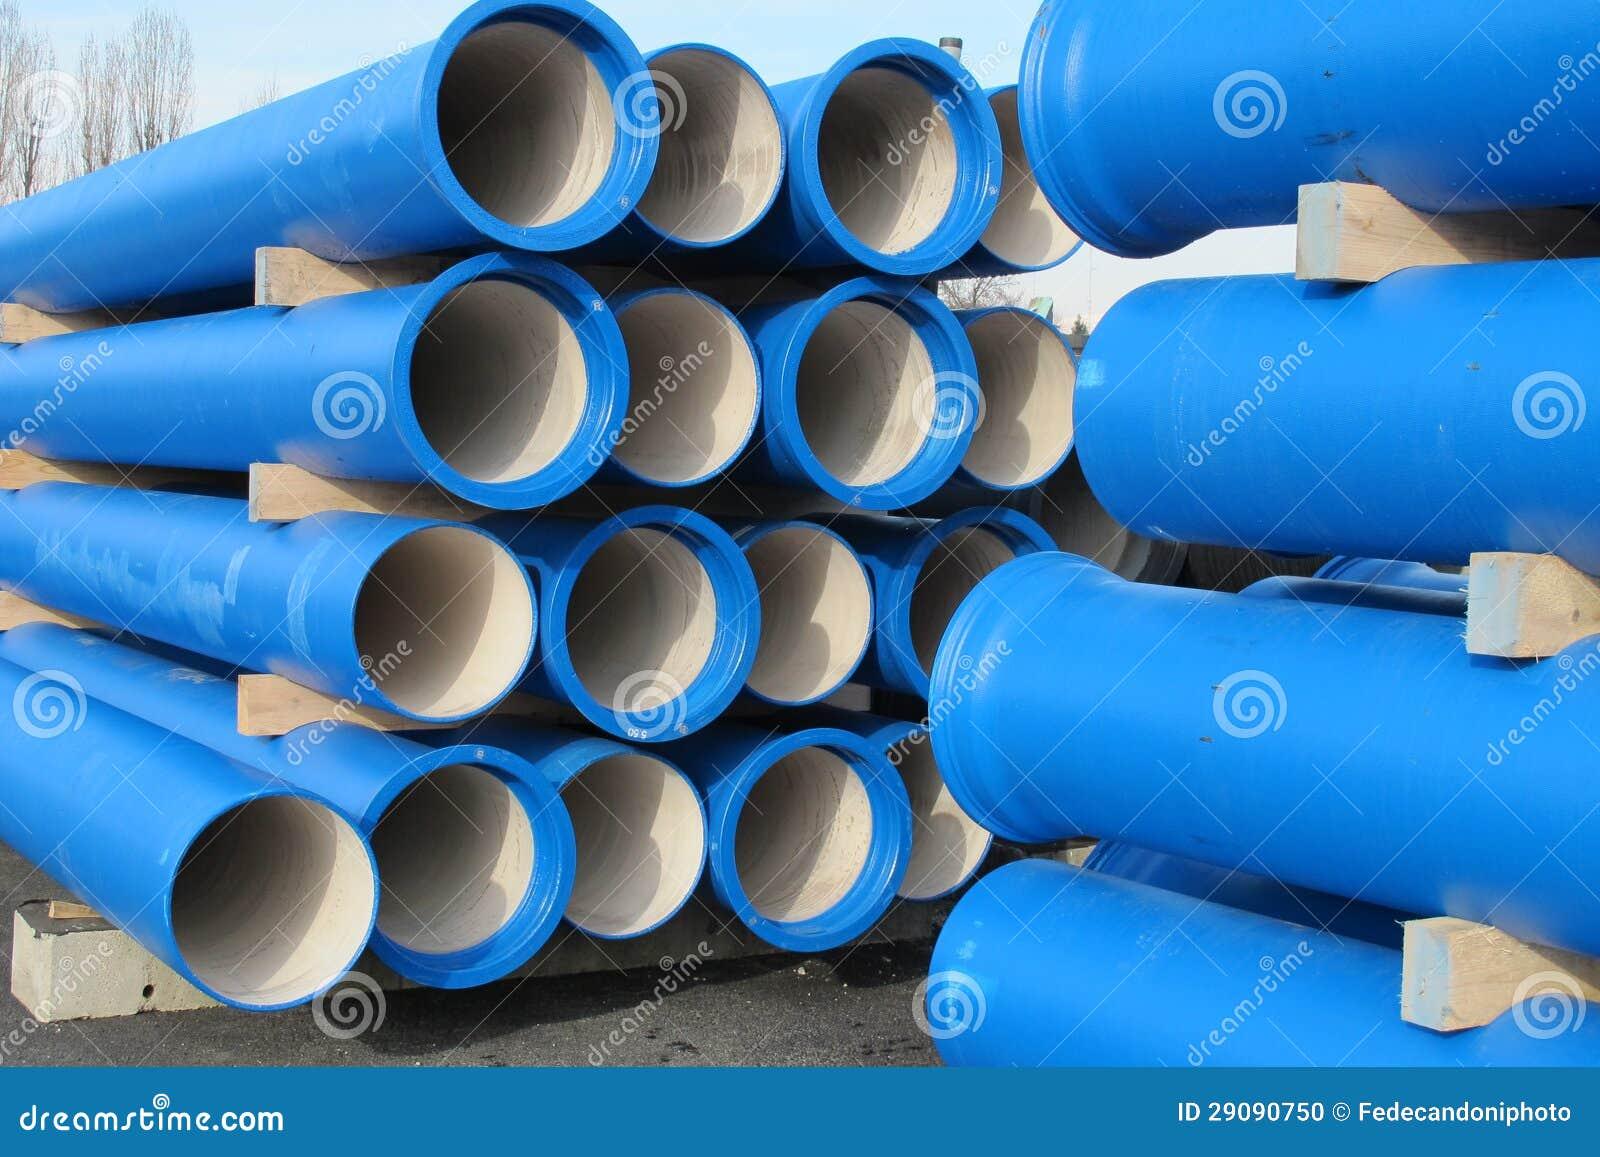 Konkrete Rohre für das Transportieren des Wassers und der Kanalisation